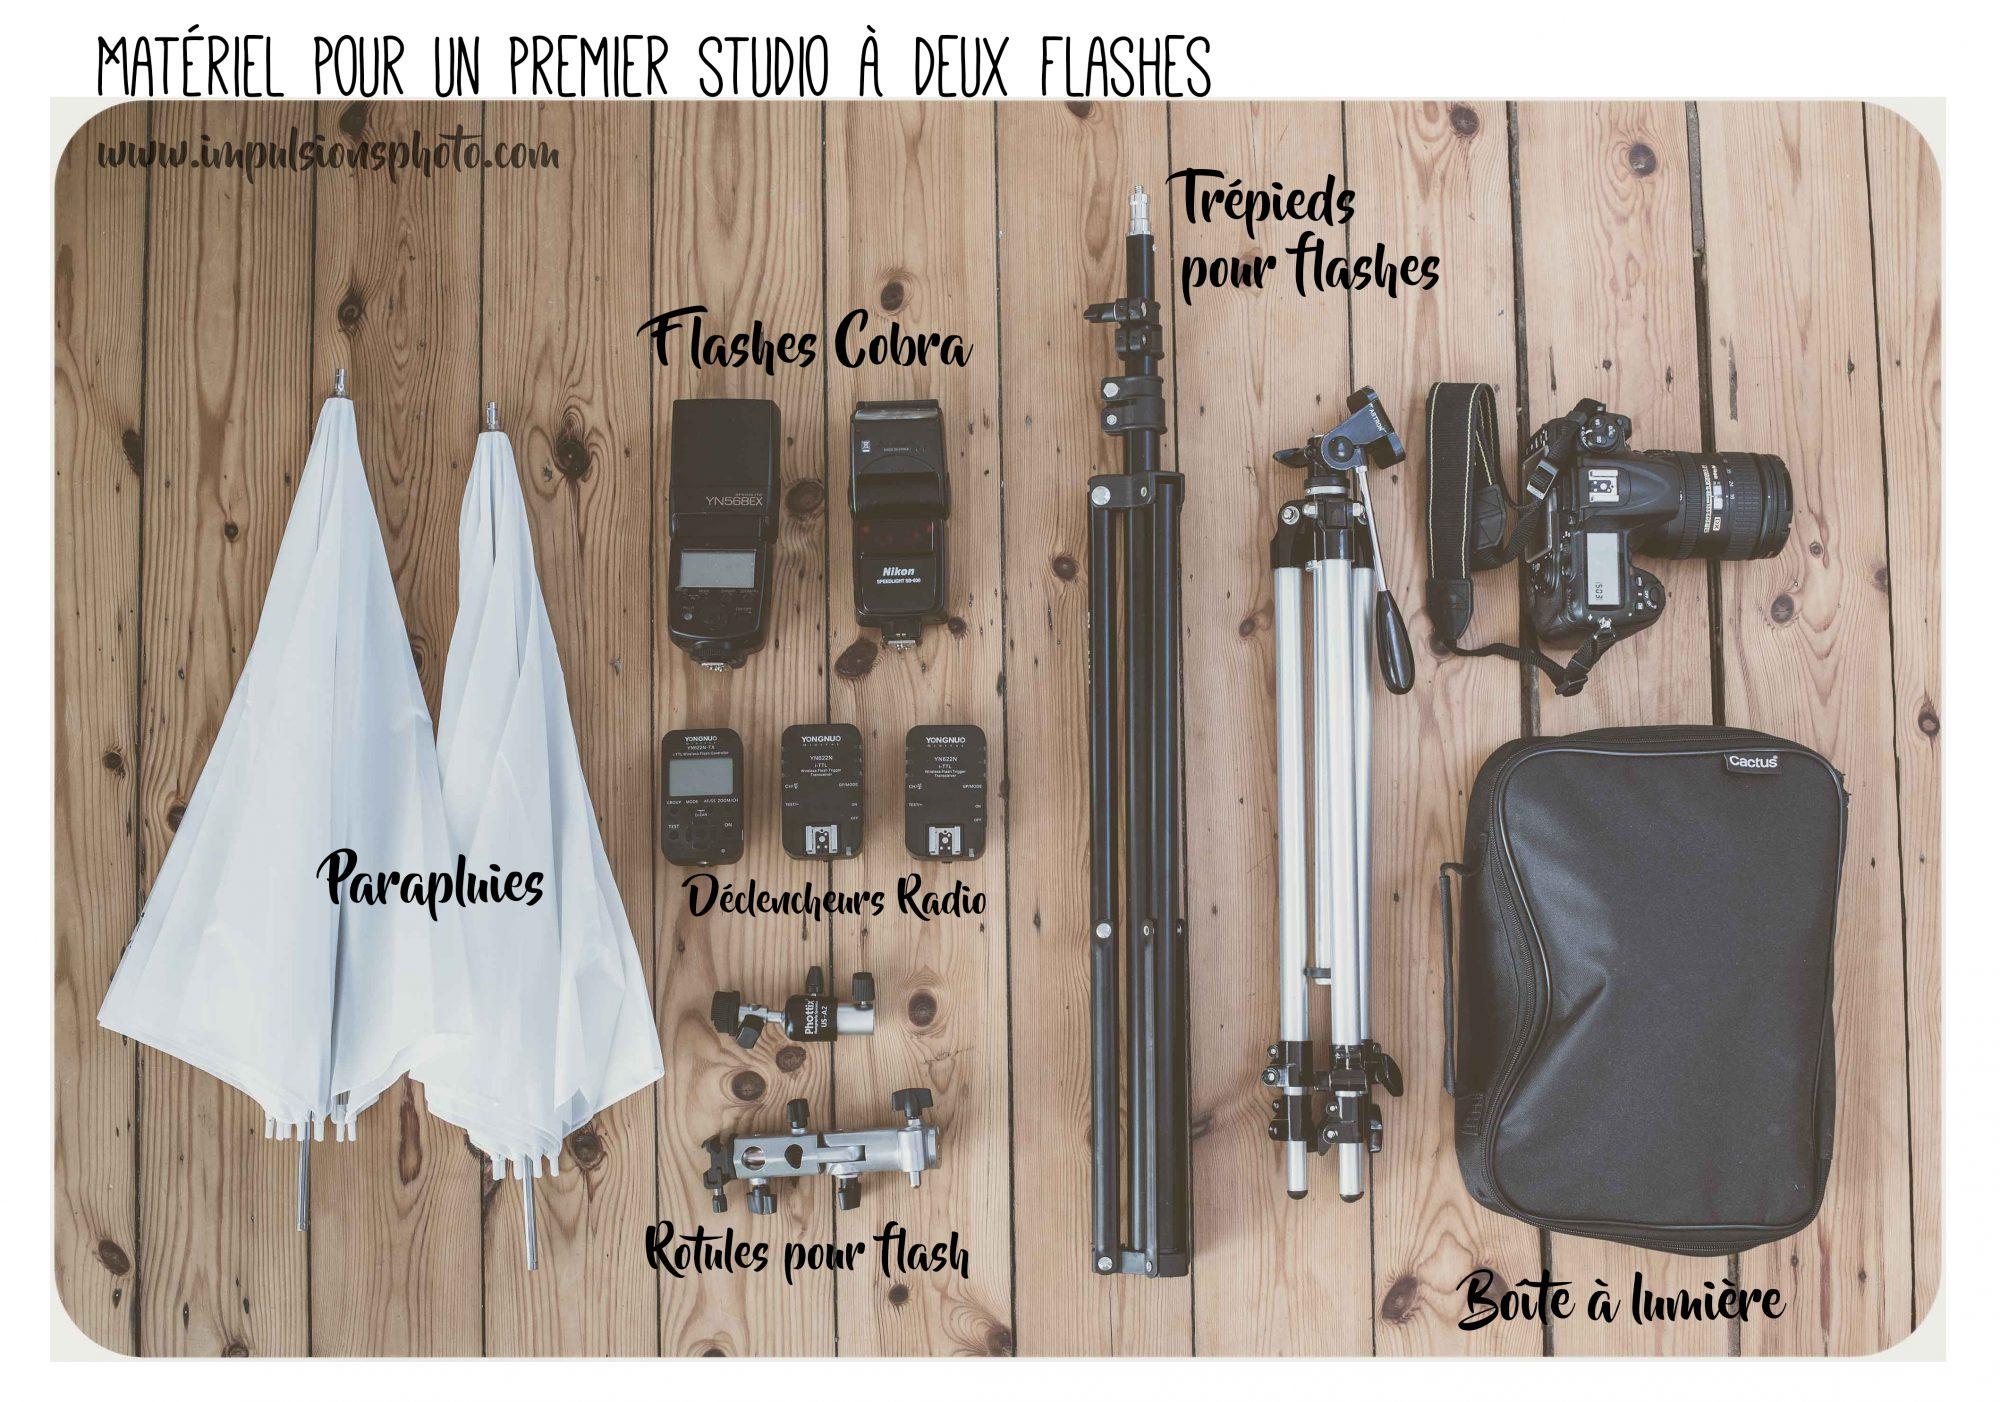 un clairage studio photo portable et polyvalent bienvenue dans le strobisme impulsions photo. Black Bedroom Furniture Sets. Home Design Ideas